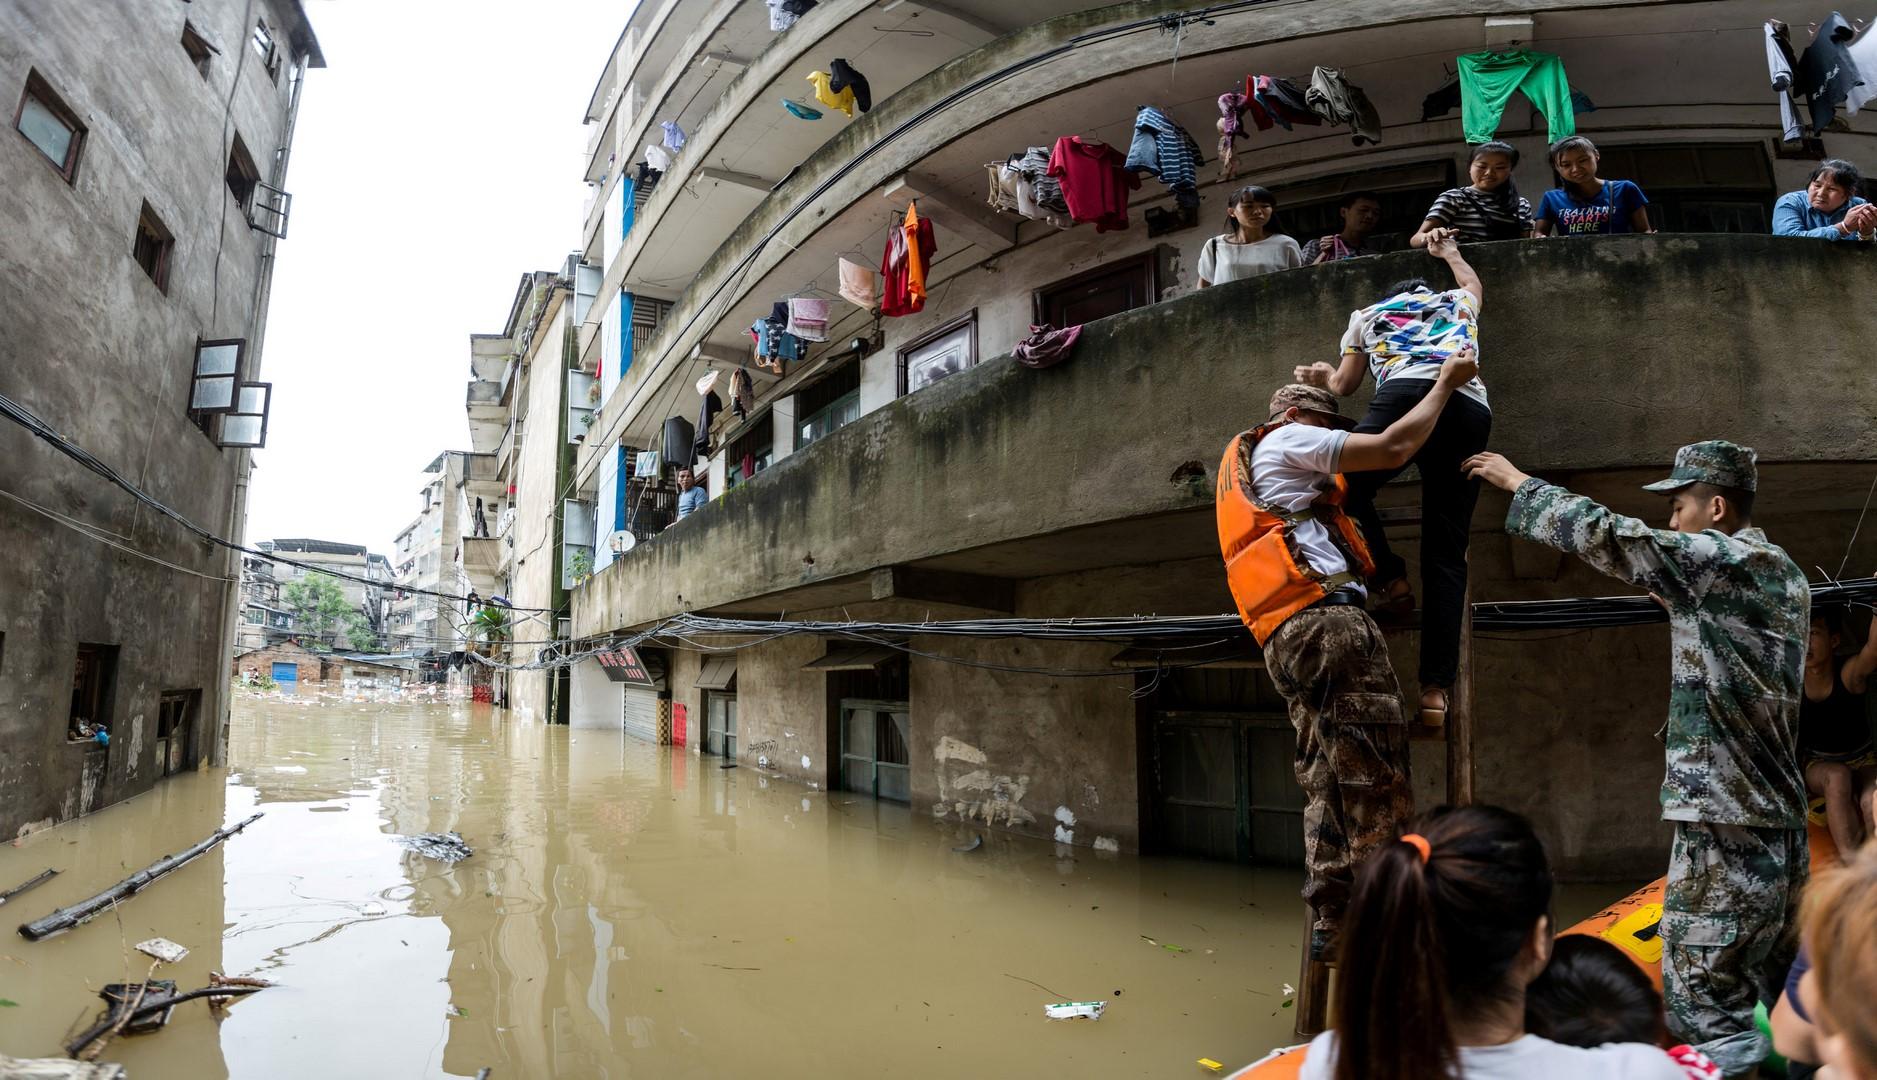 Lluvias dejan 16 muertos y más de 100 mil evacuados en China